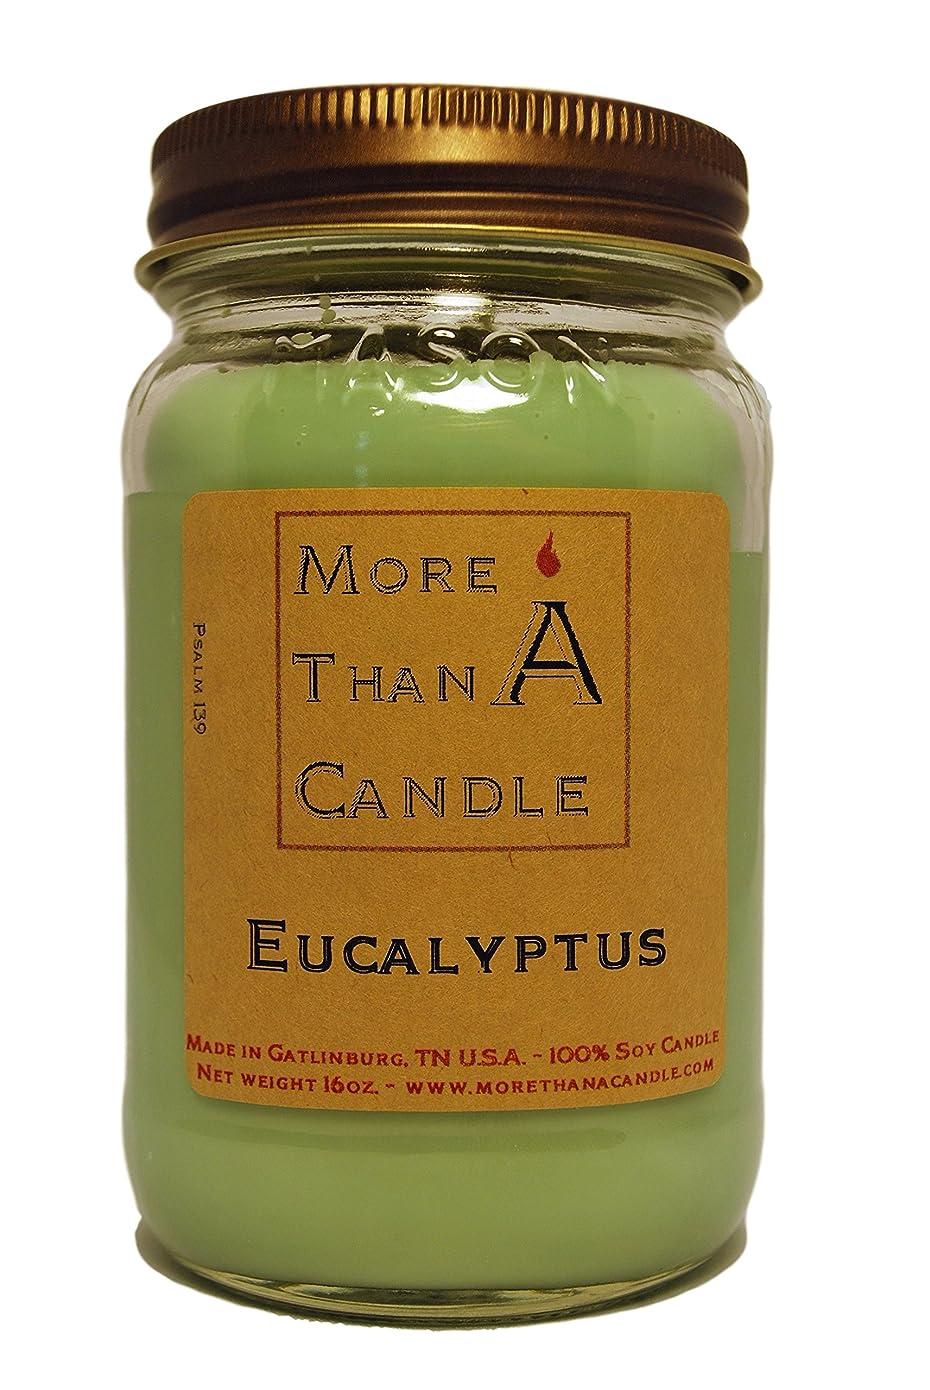 スカリーレジ失敗More Than A Candle ELP16M 16 oz Mason Jar Soy Candle, Eucalyptus